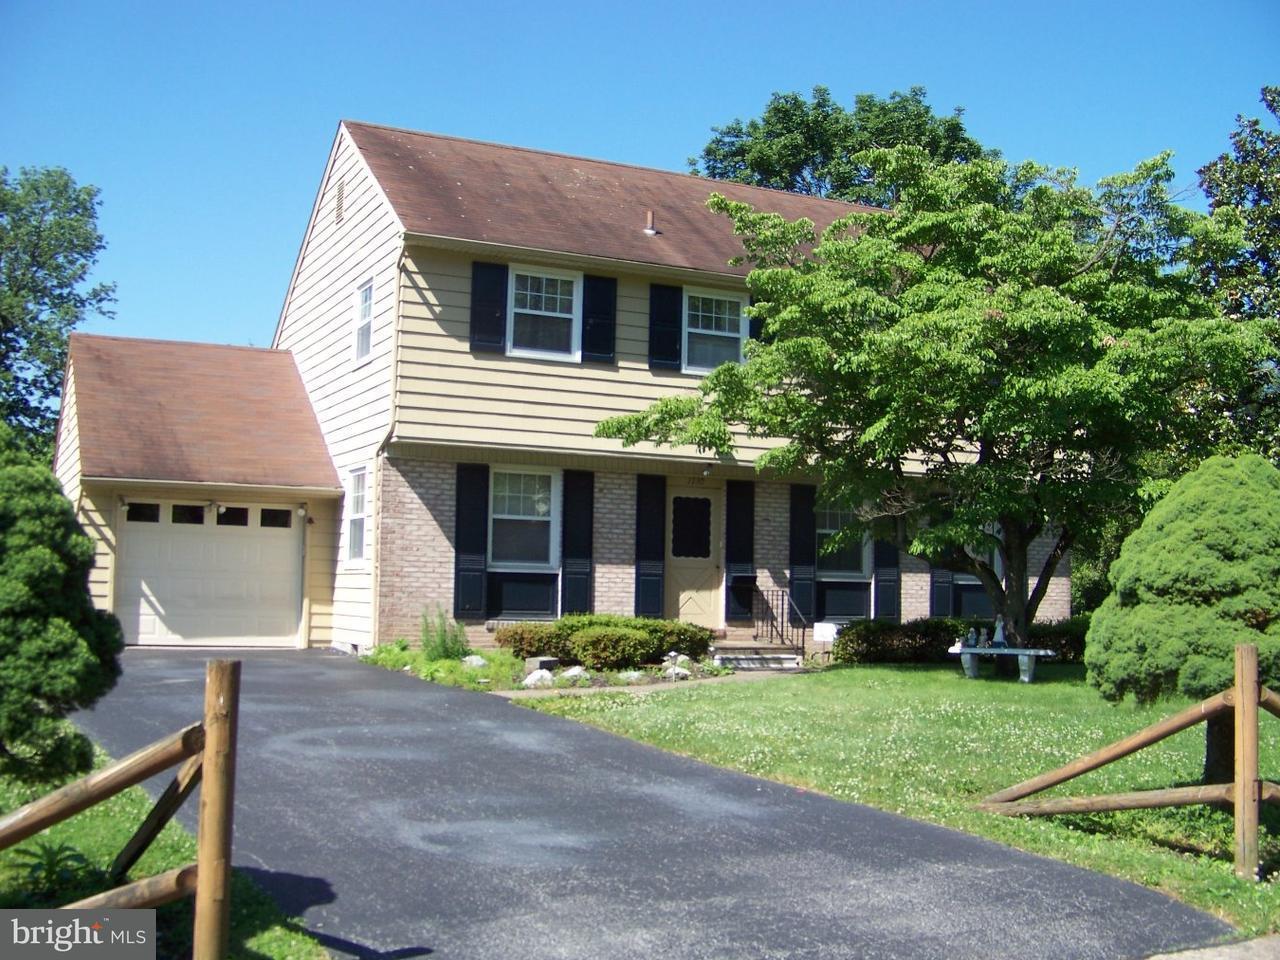 Maison unifamiliale pour l Vente à 1730 MAGNOLIA Lane Jeffersonville, Pennsylvanie 19403 États-Unis